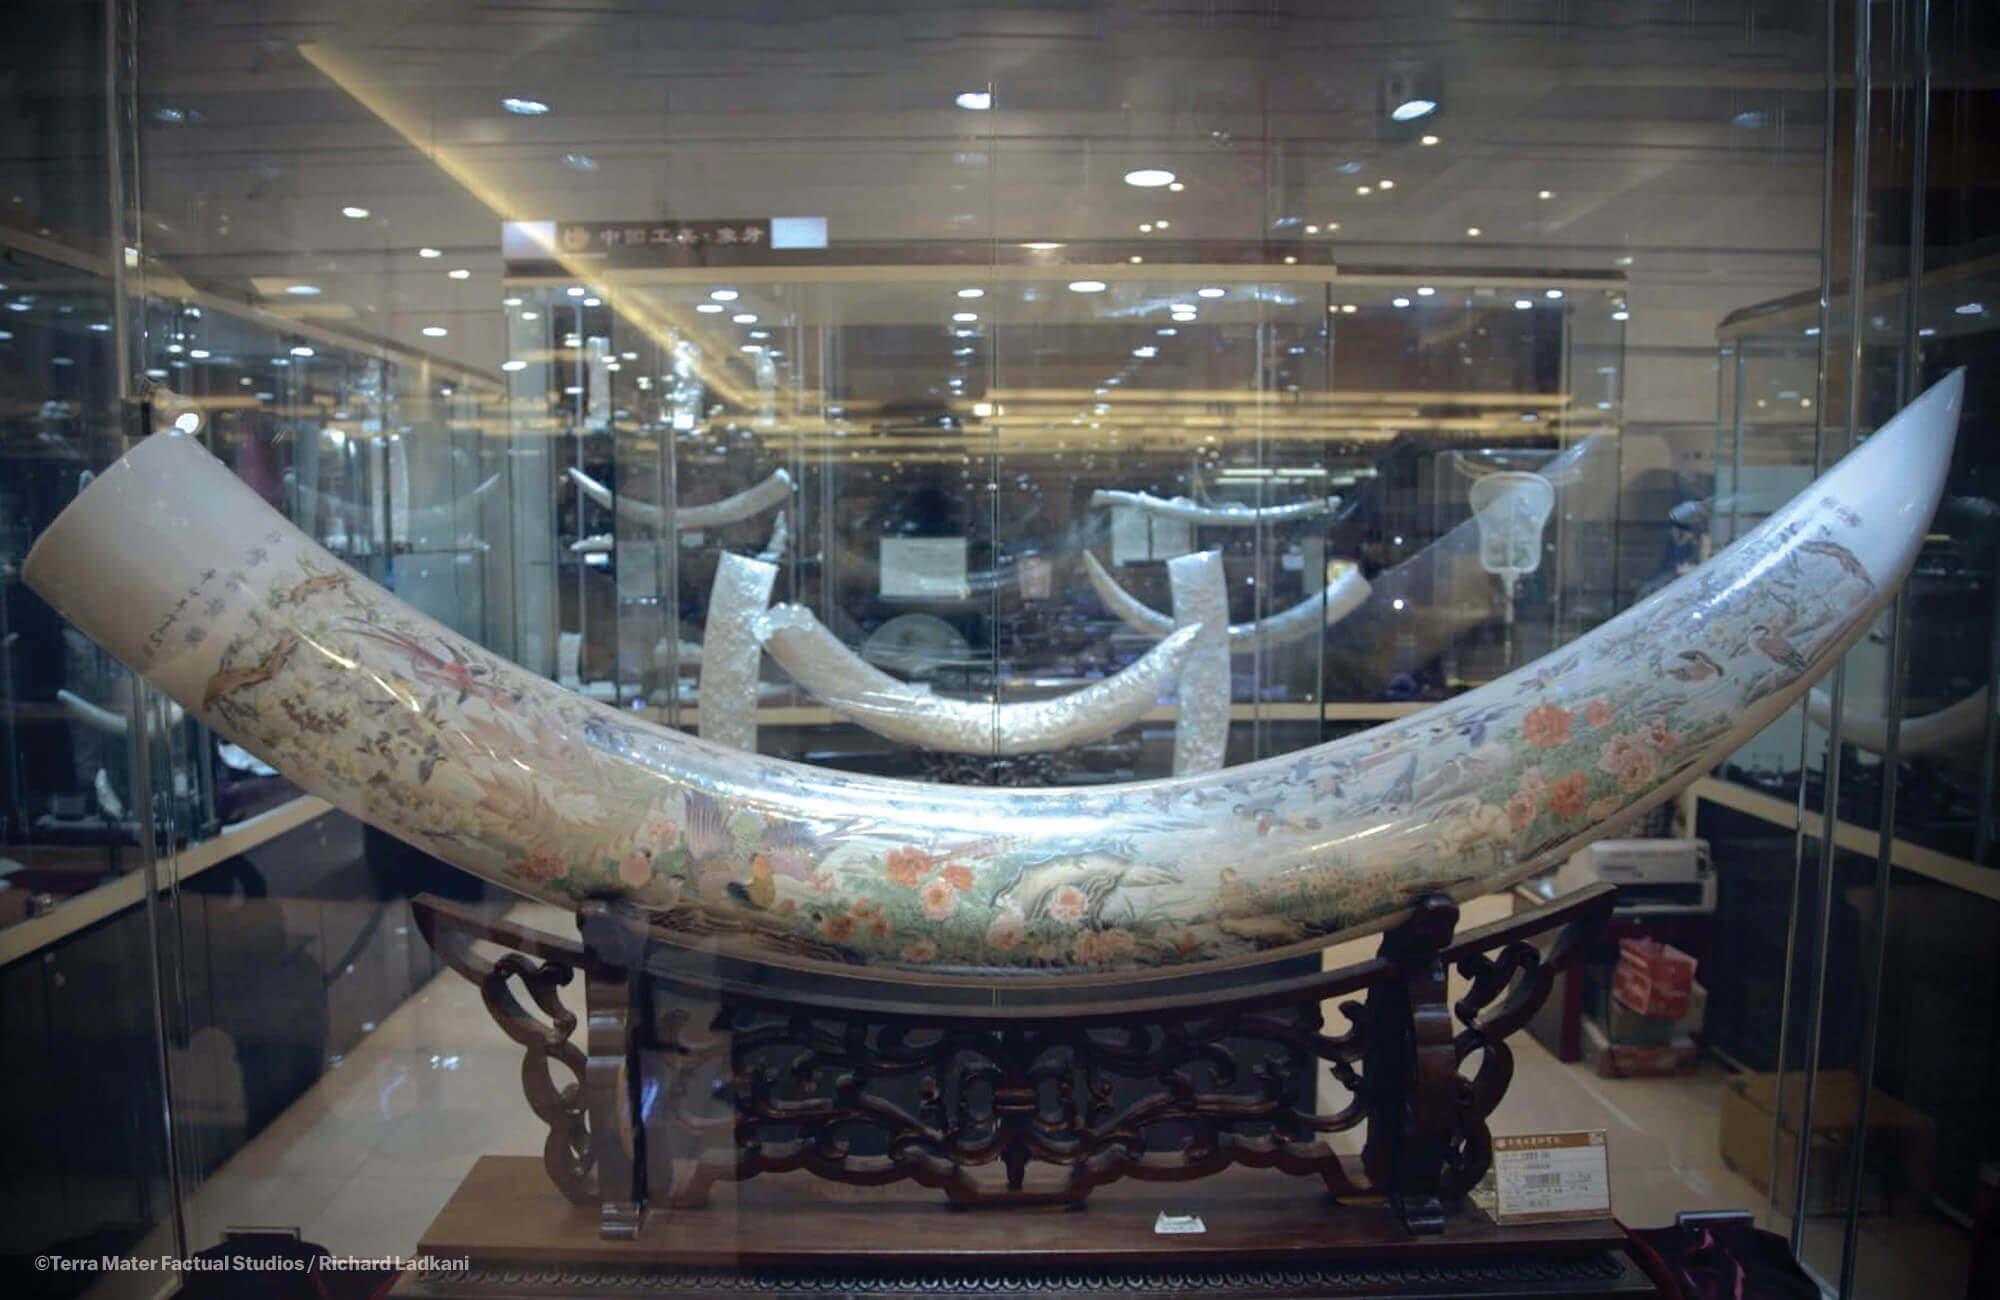 北京象牙工艺品店里陈列的象牙。